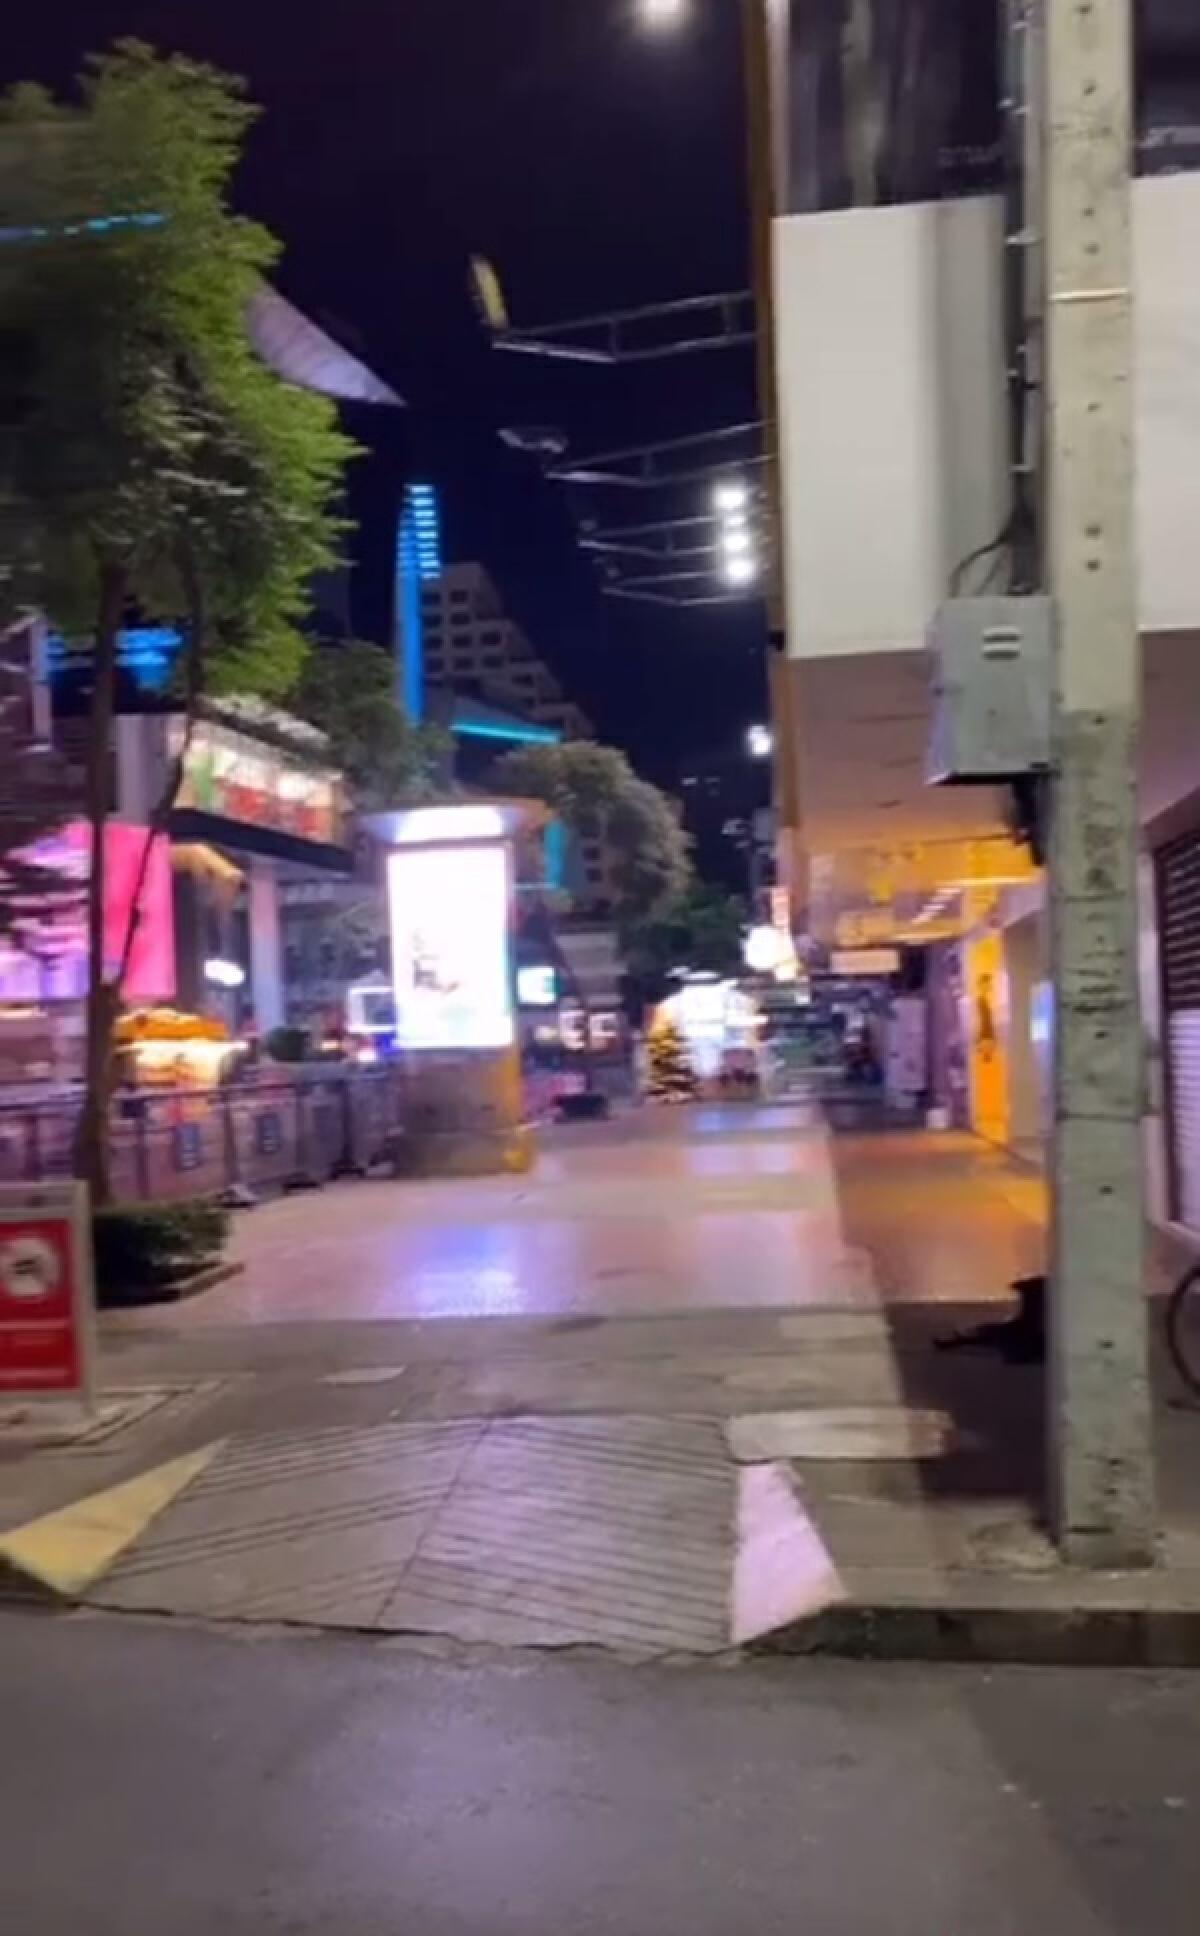 ผู้ประกอบการร้านอาหาร เผยภาพย่านสยามสแควร์ สุดเงียบเหงาราวกับเมืองร้าง